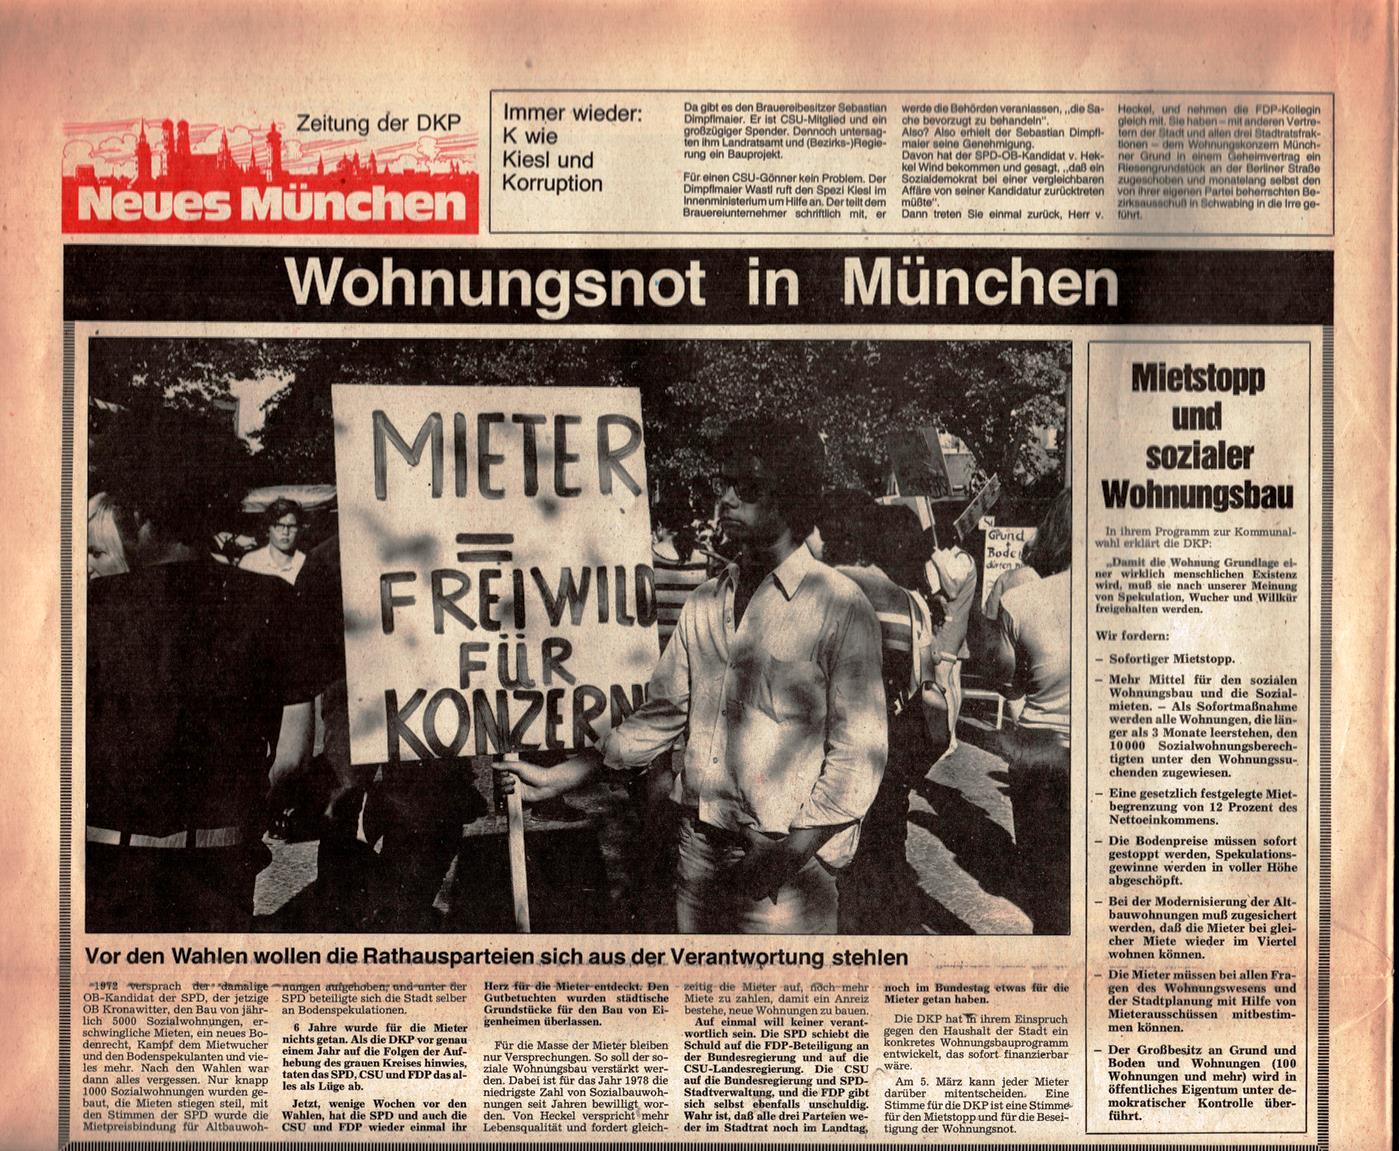 Muenchen_DKP_Neues_Muenchen_19780200_002_015